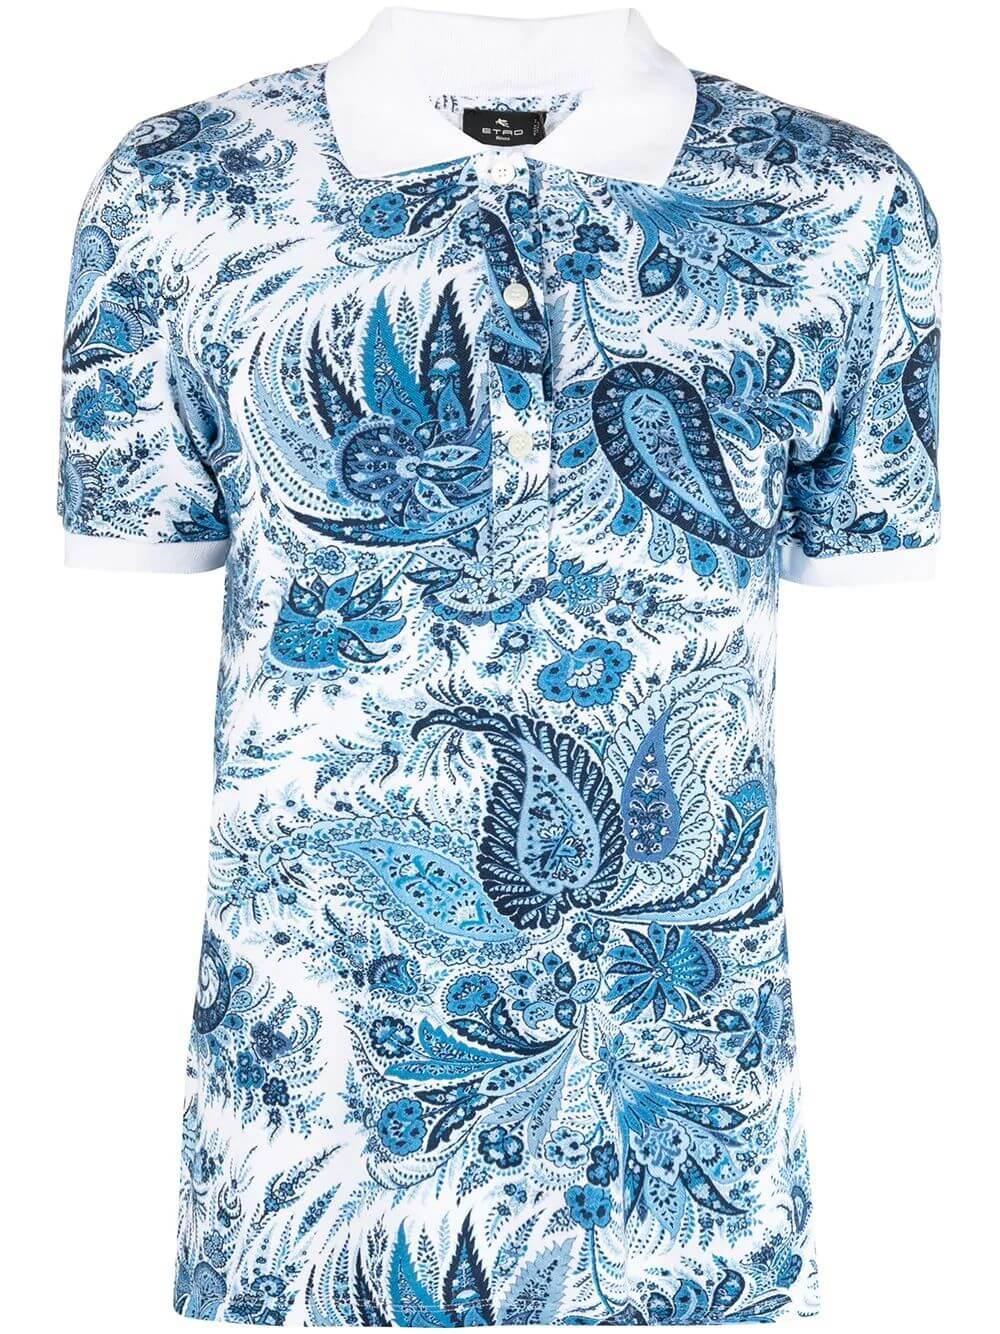 Paisley Collared Shirt